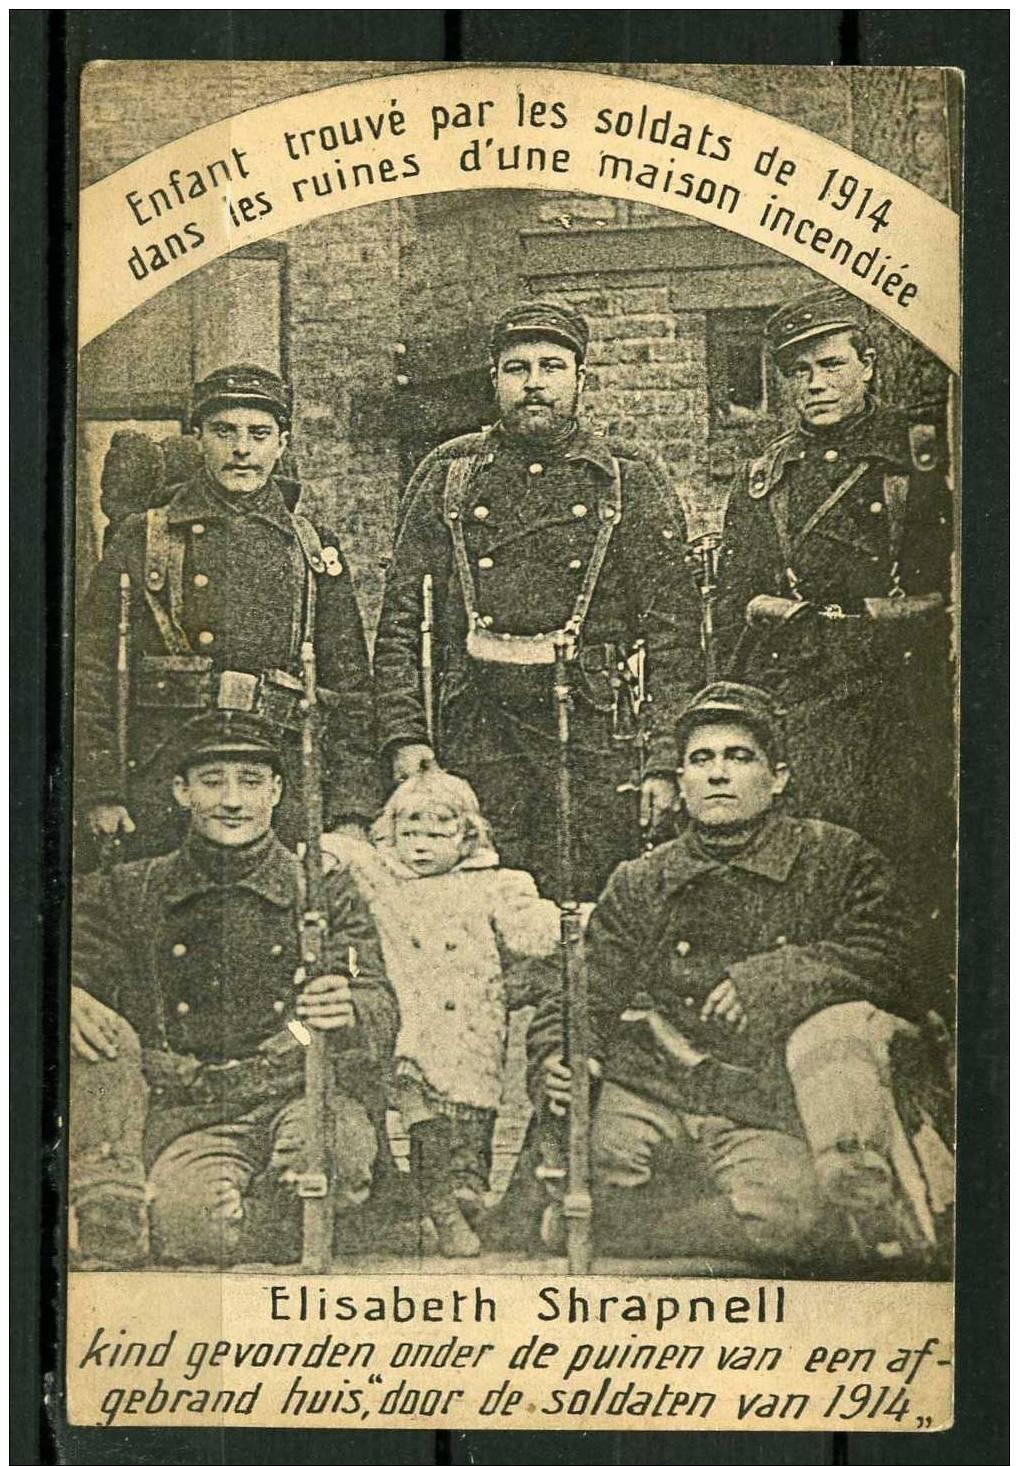 Enfant Trouvé Par Les Soldats De 1914 Dans Les Ruines D´une Maison Incendiée  * CPA - Animé - War 1914-18